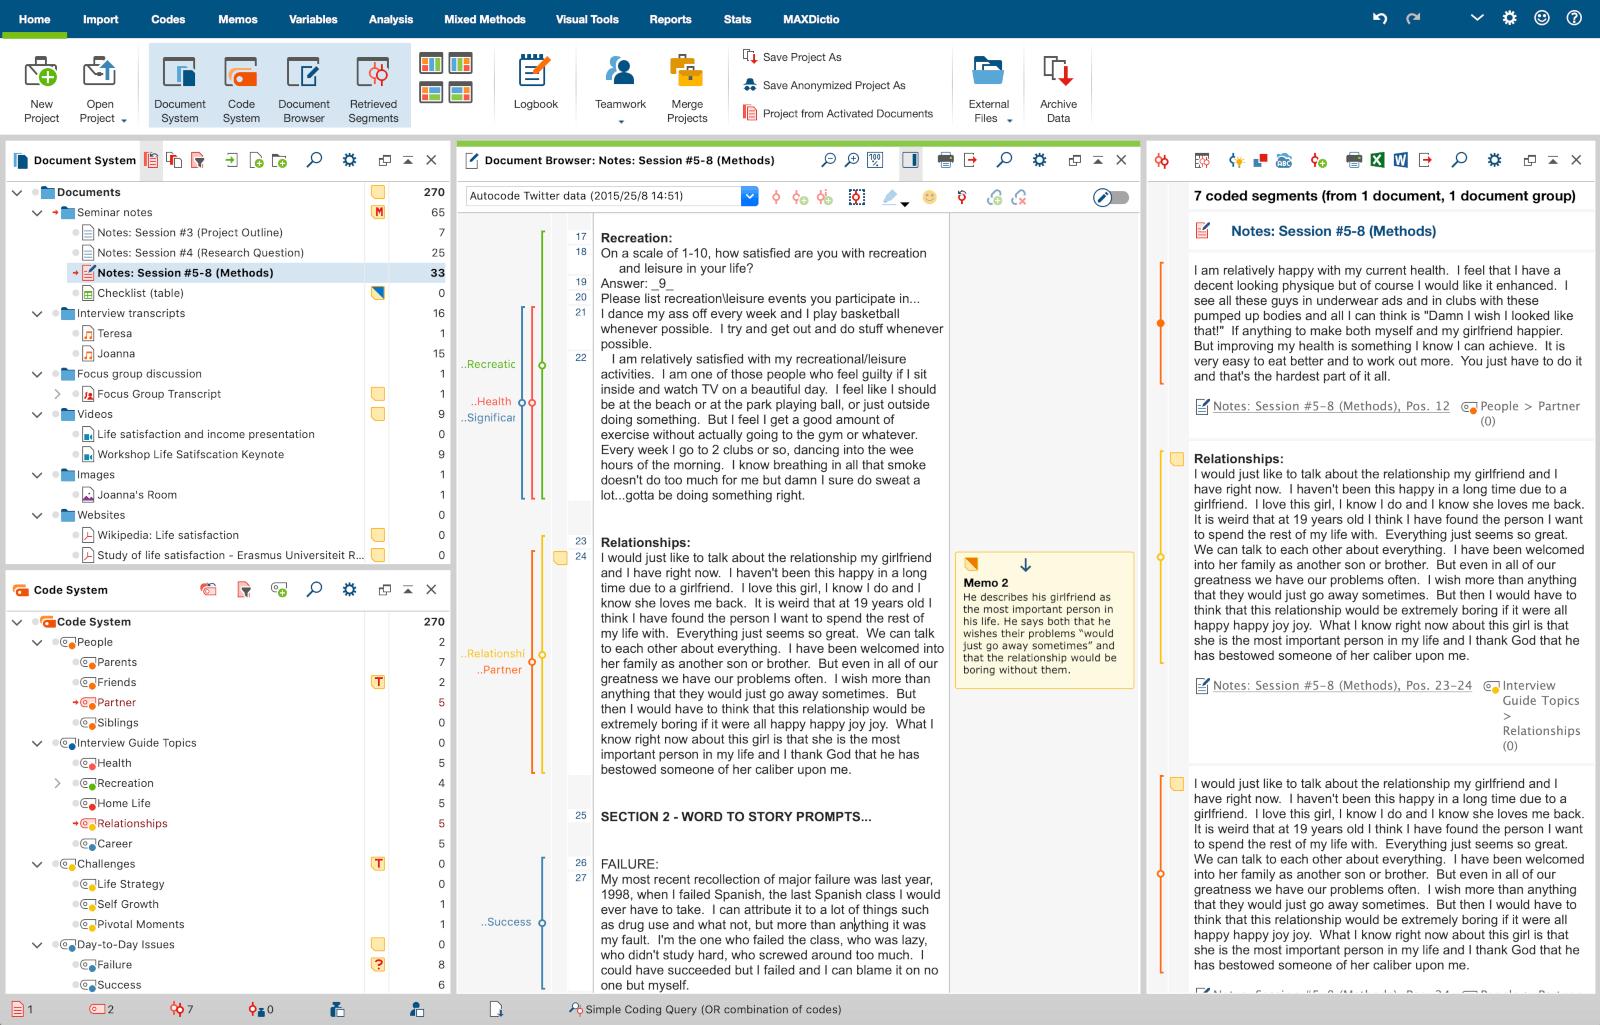 Mit der intuitiven Oberfläche der QDA Software MAXQDA behalten Sie den Überblick